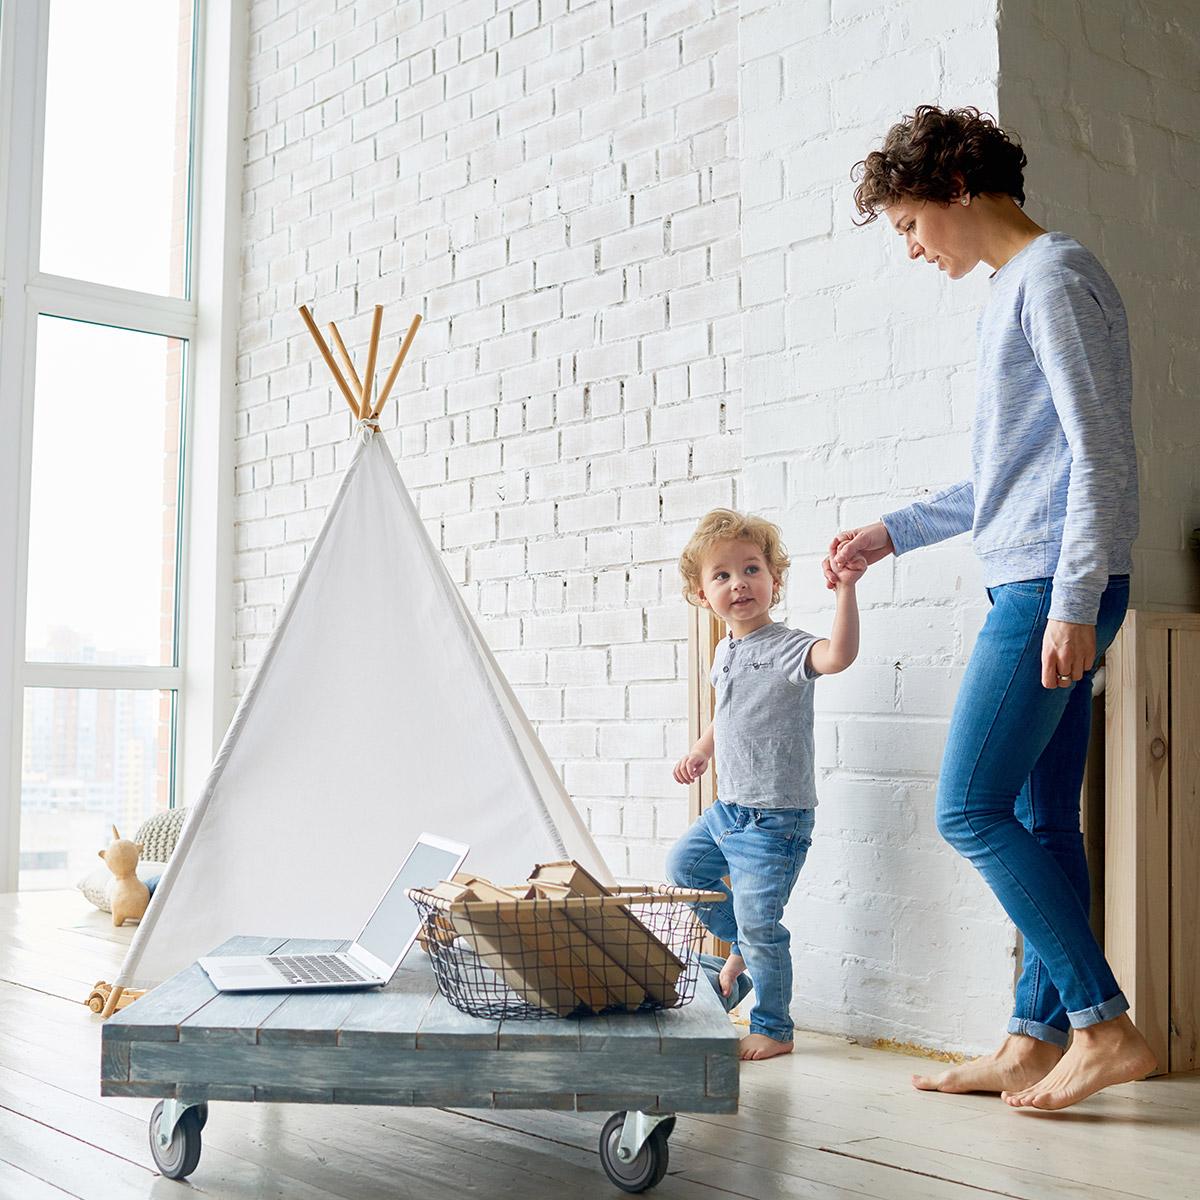 PERFEKT HEMMAKLIMAT FÖR ALLA - Vårt urval av luft-till-luft värmepumpar och AC erbjuder de bästa möjliga alternativen i alla prisklasser. Vi erbjuder energibesparingar och idealiskt hemmaklimat till en prisnivå som är överkomlig för de flesta.